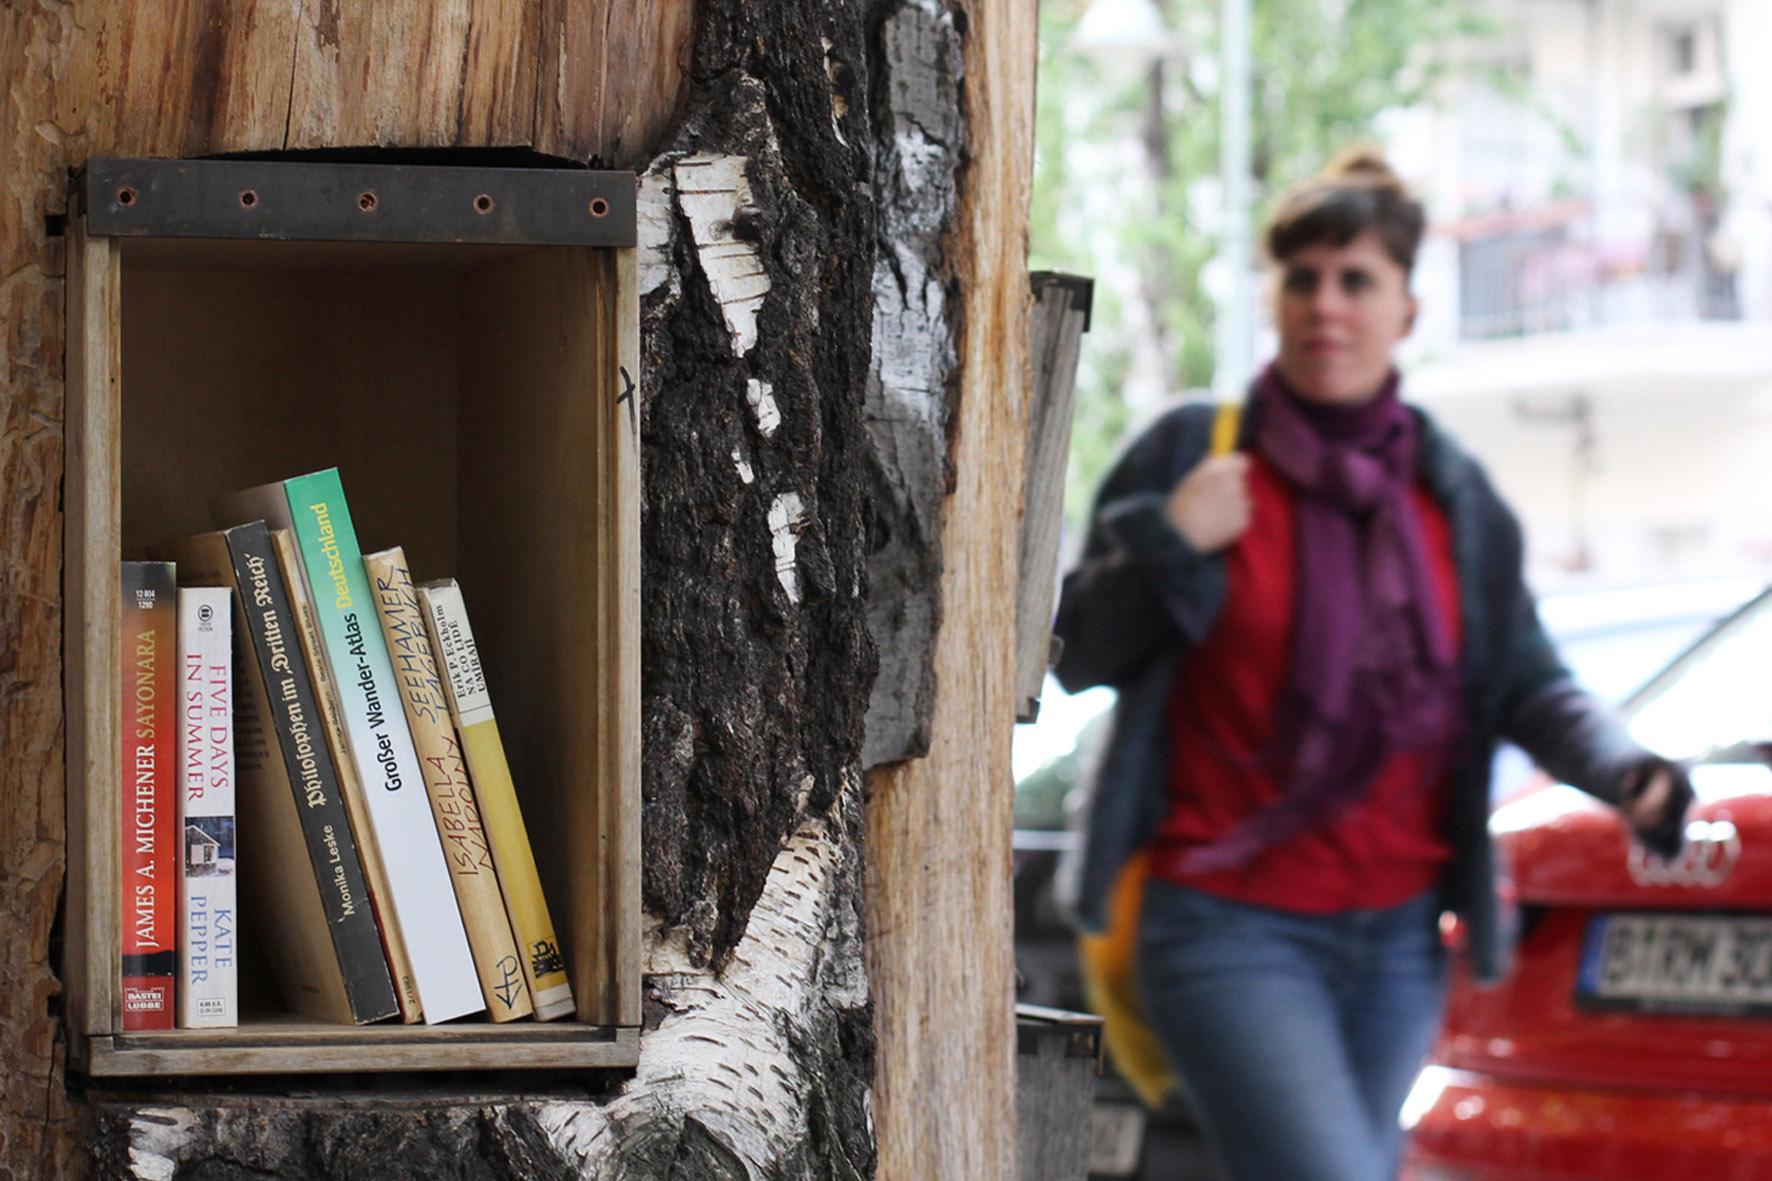 Eine Frau läuft an dem Bücherwald vorbei - Eine Bibliothek mit Regalen, die in Stämme geschnitzt sind, die zusammen verschraubt wurden, um einem Baum zu ähneln - auf der Sredzkistrasse in Berlin Prenzlauer Berg